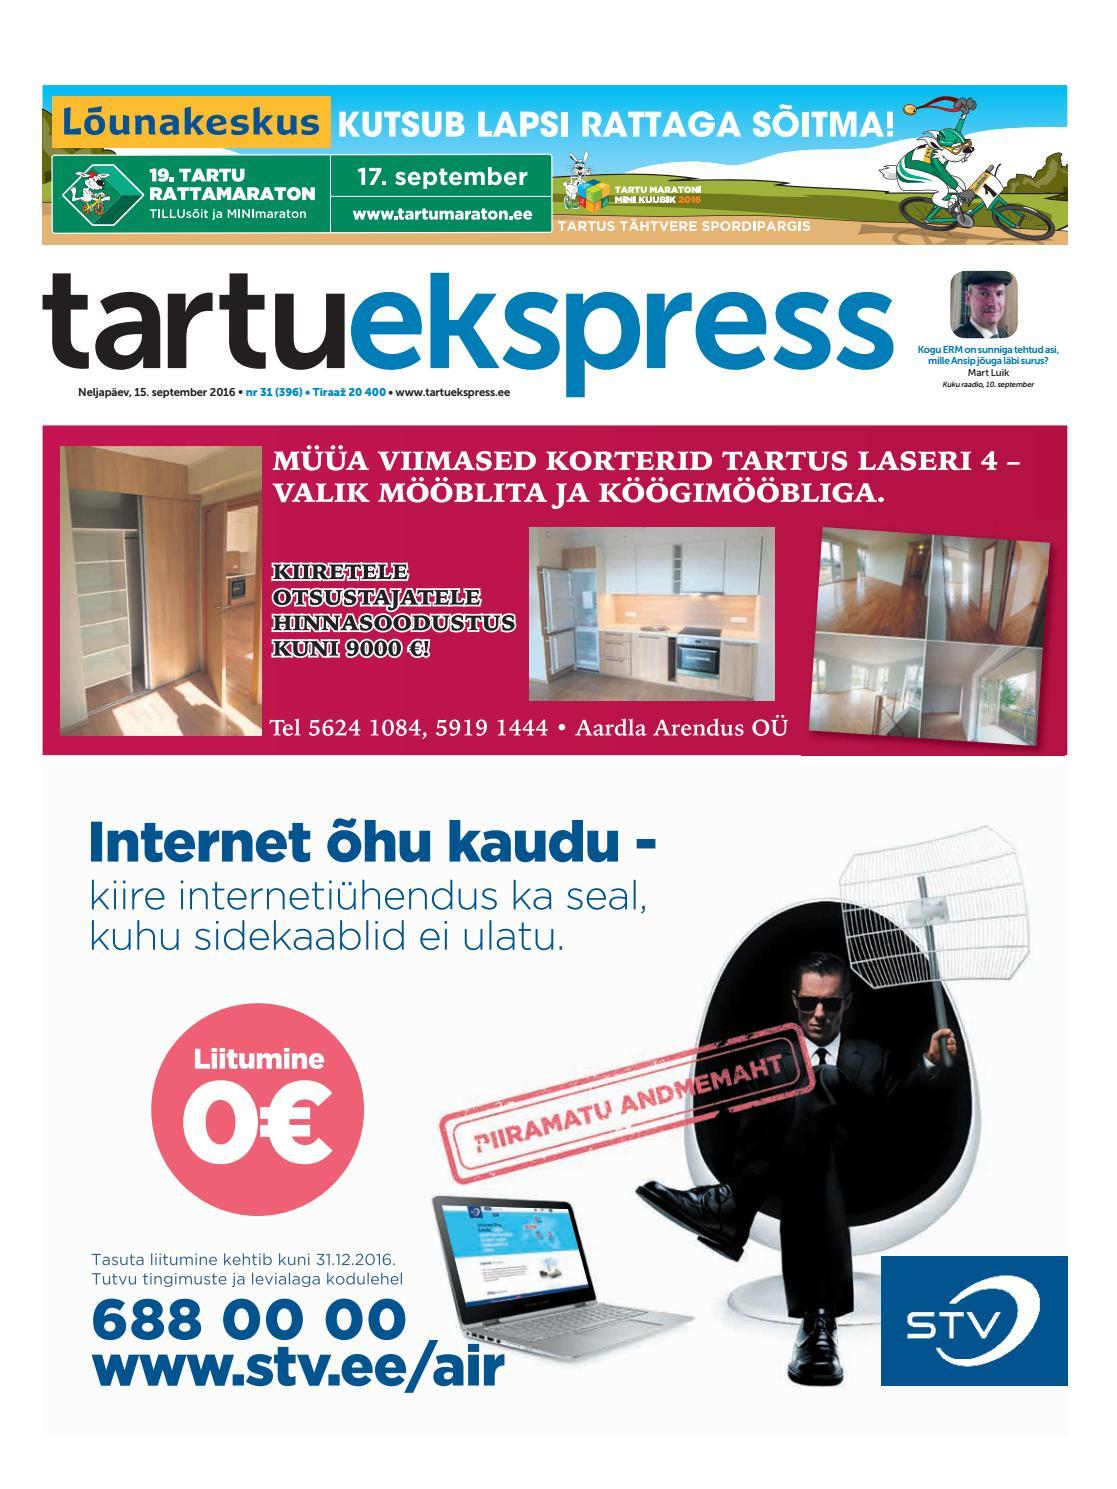 a50bbf9e7ac Tartu Ekspress, 15.09.2016 by Tartu Ekspress - issuu